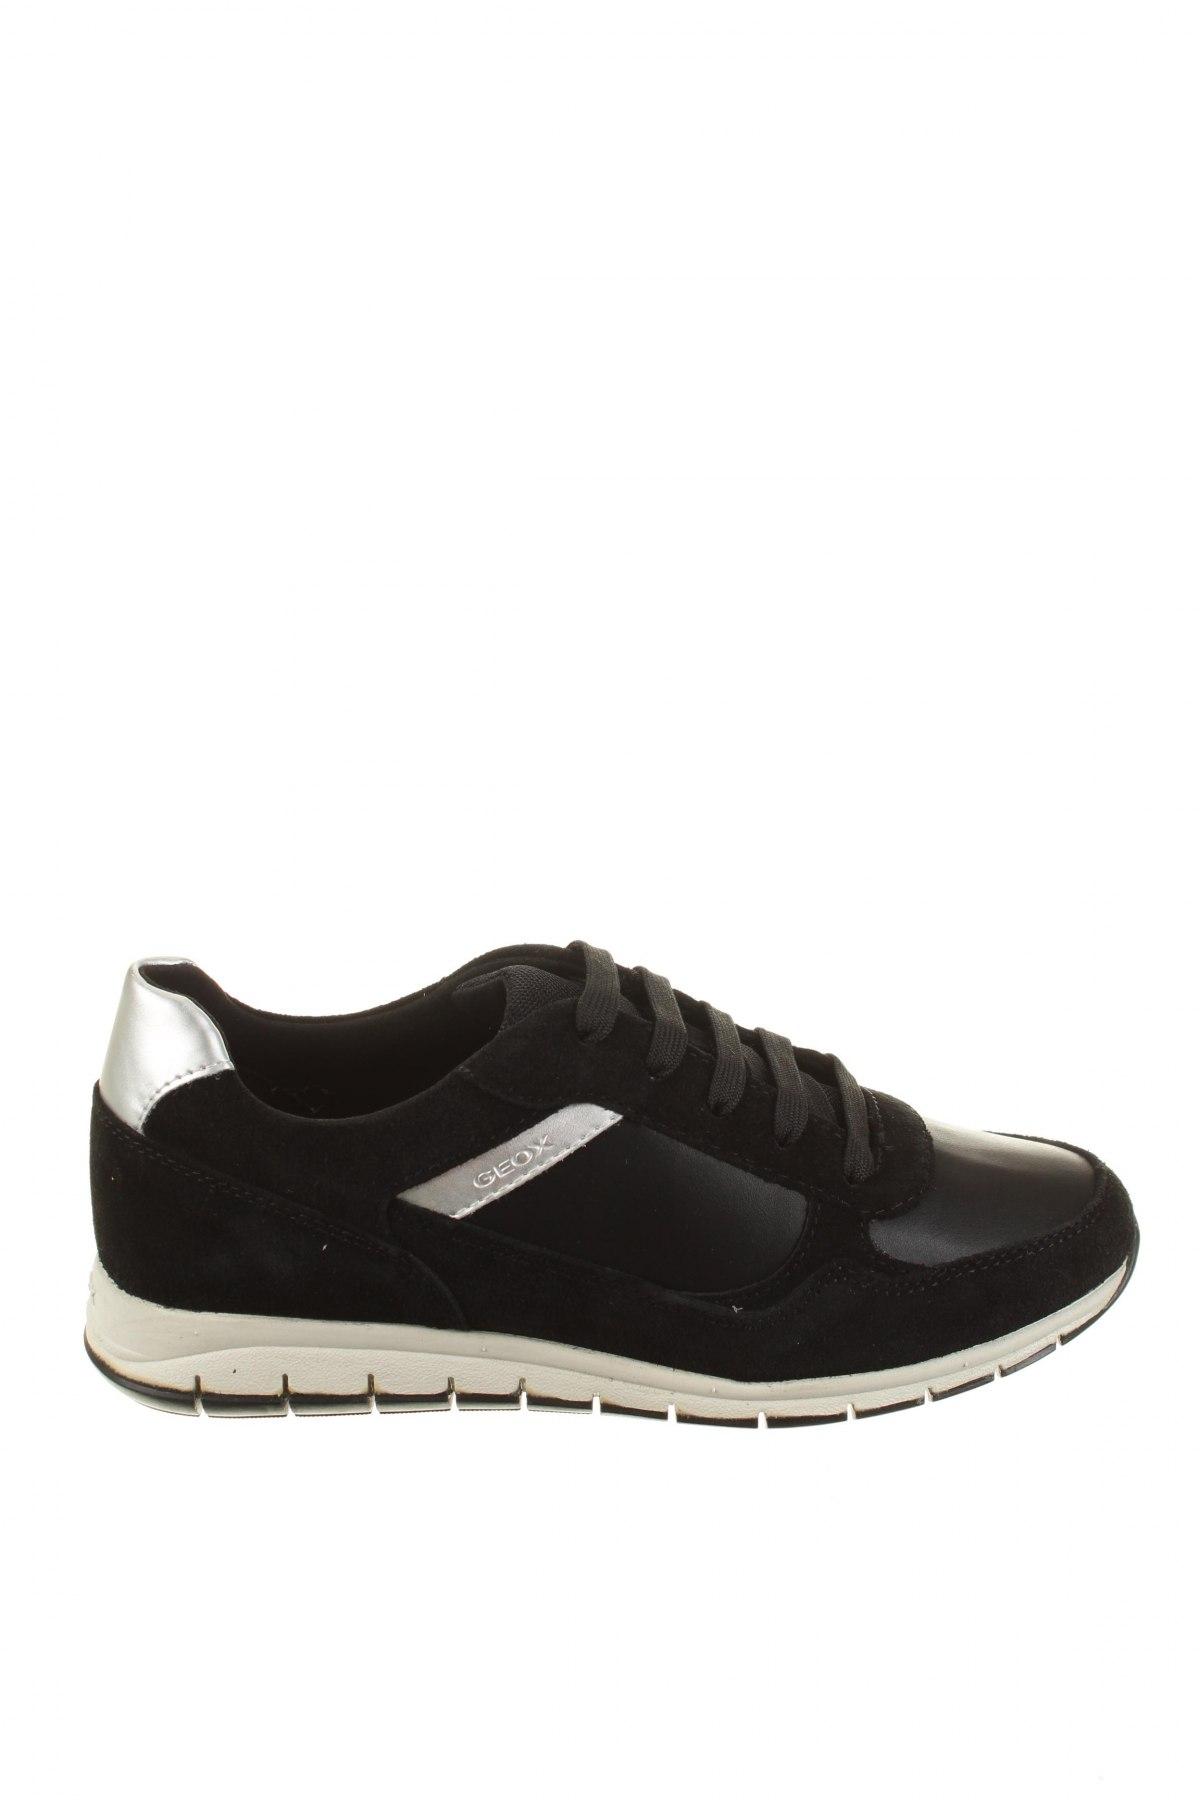 3af1a500938 Dámské boty Geox - koupit za vyhodné ceny na Remix -  102839265